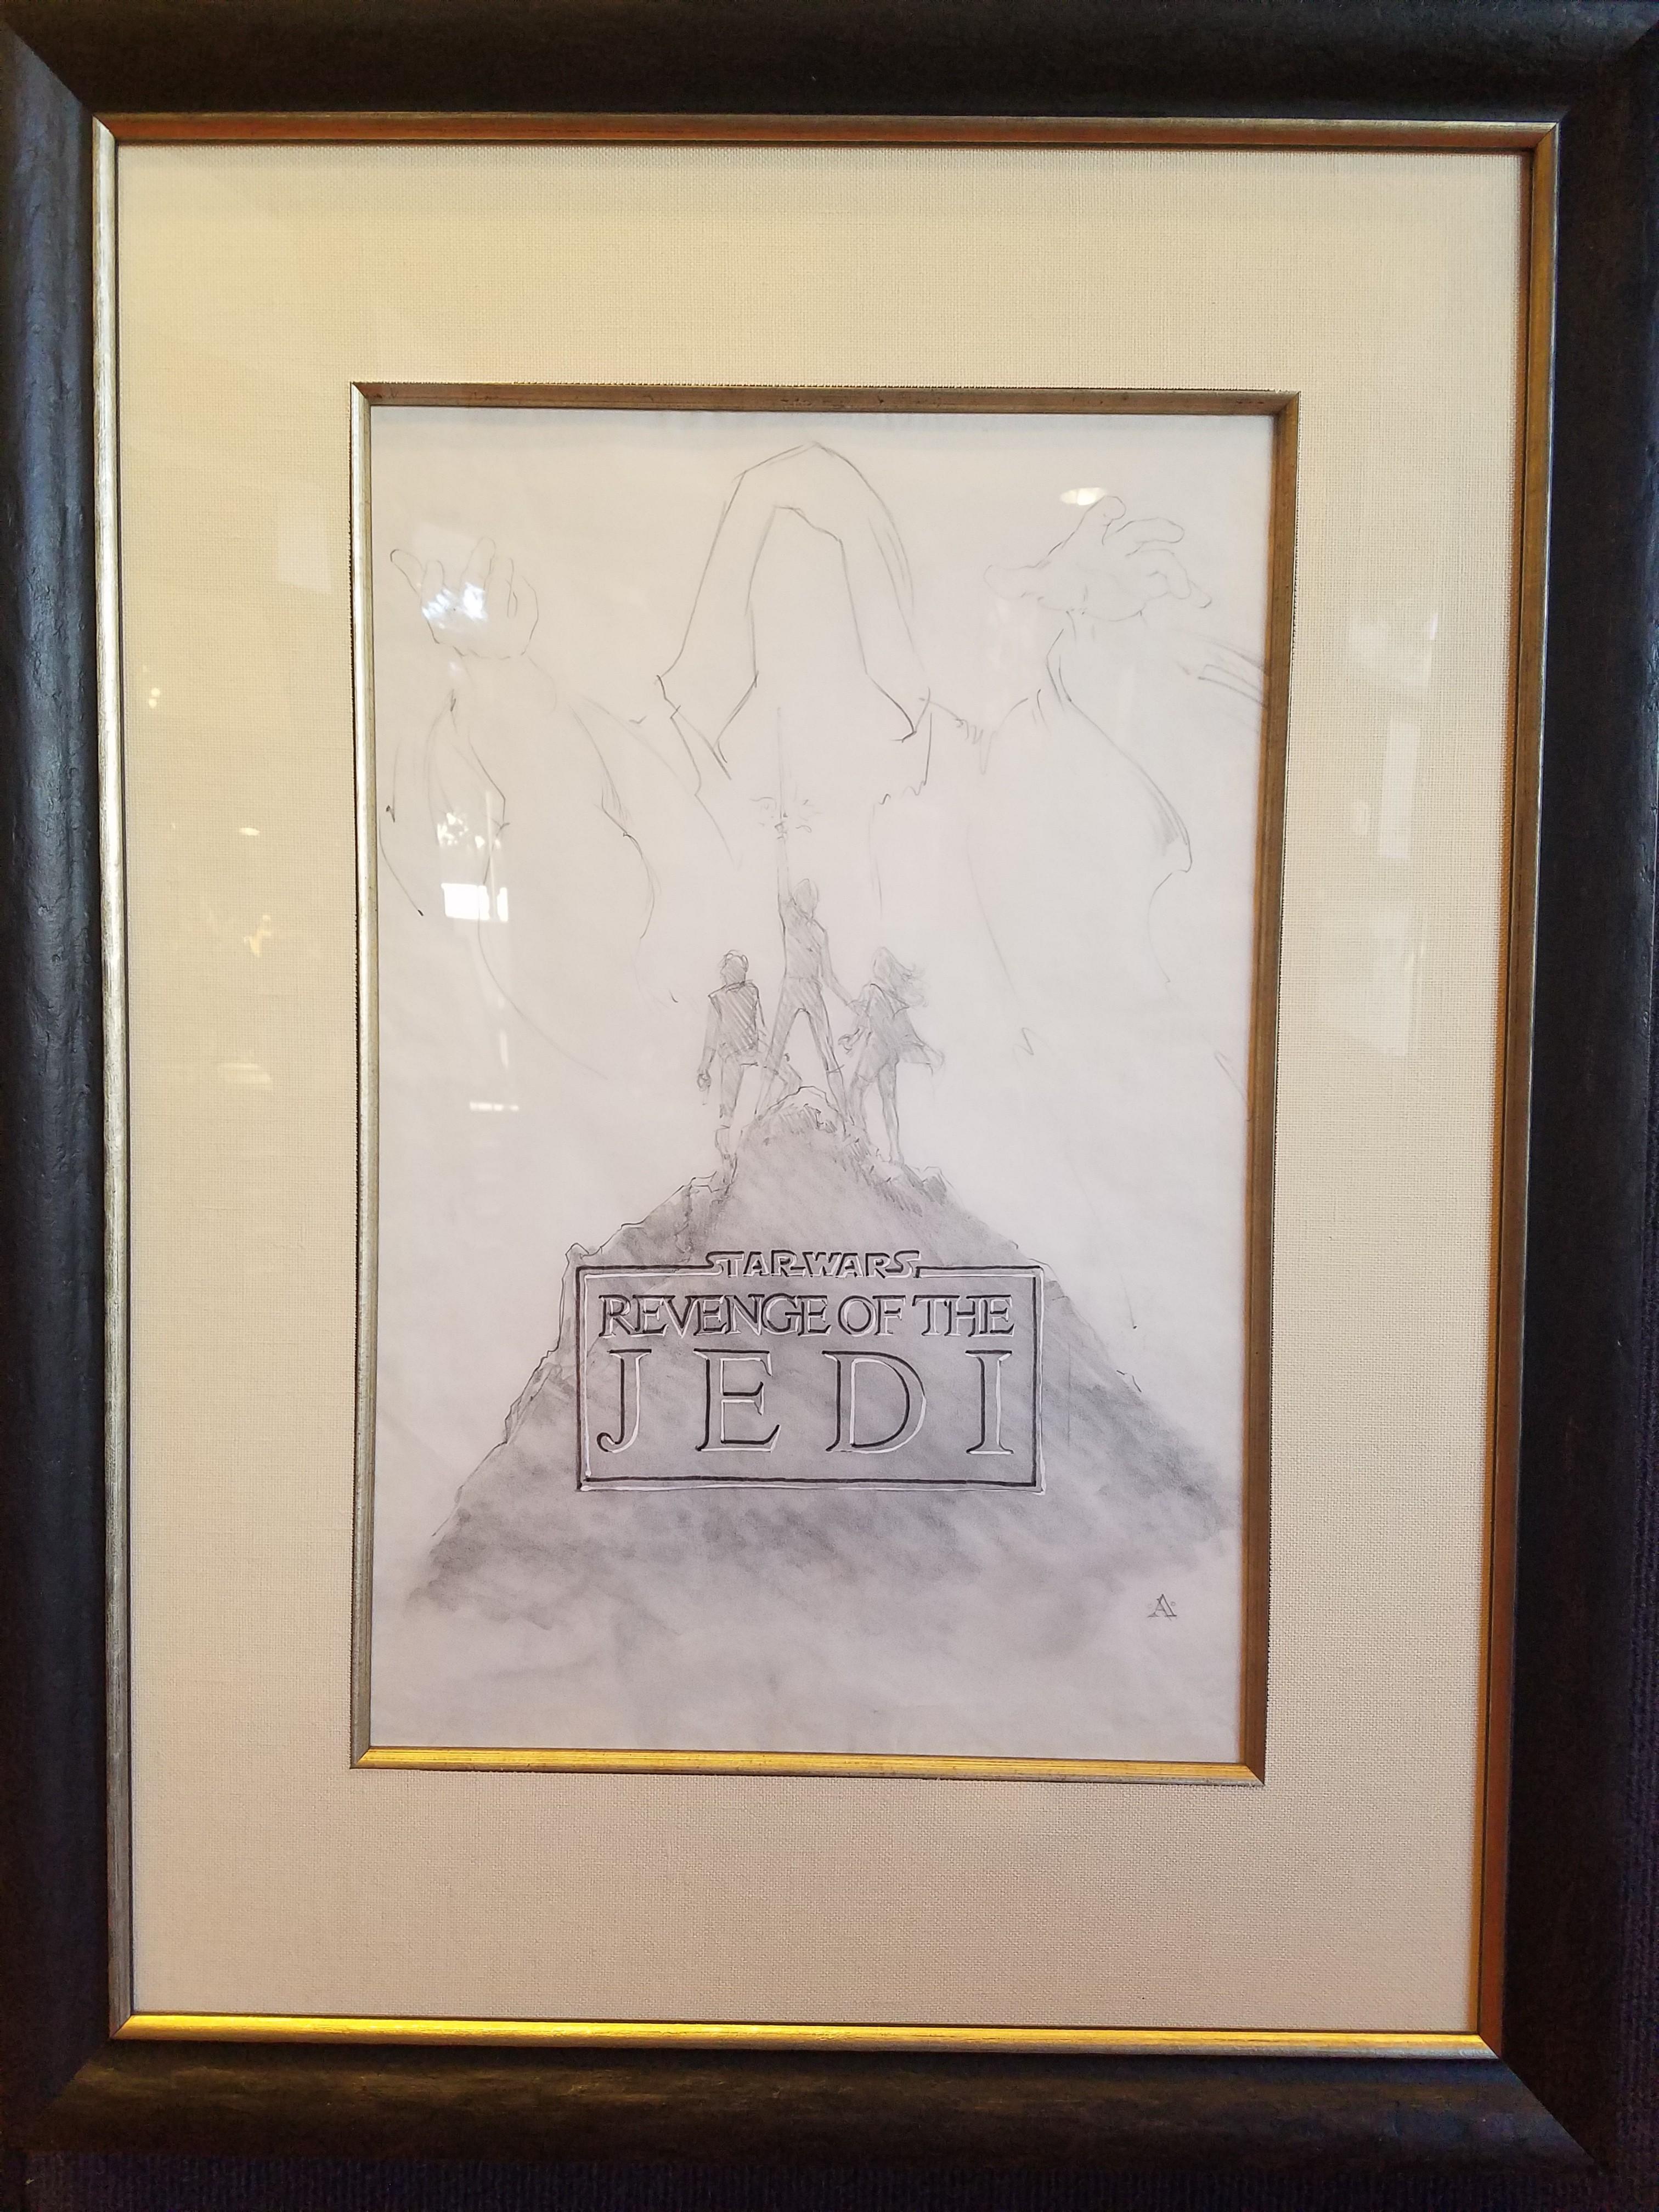 Star Wars Revenge Of The Jedi Poster Concept Art Graphite On Paper By John Alvin